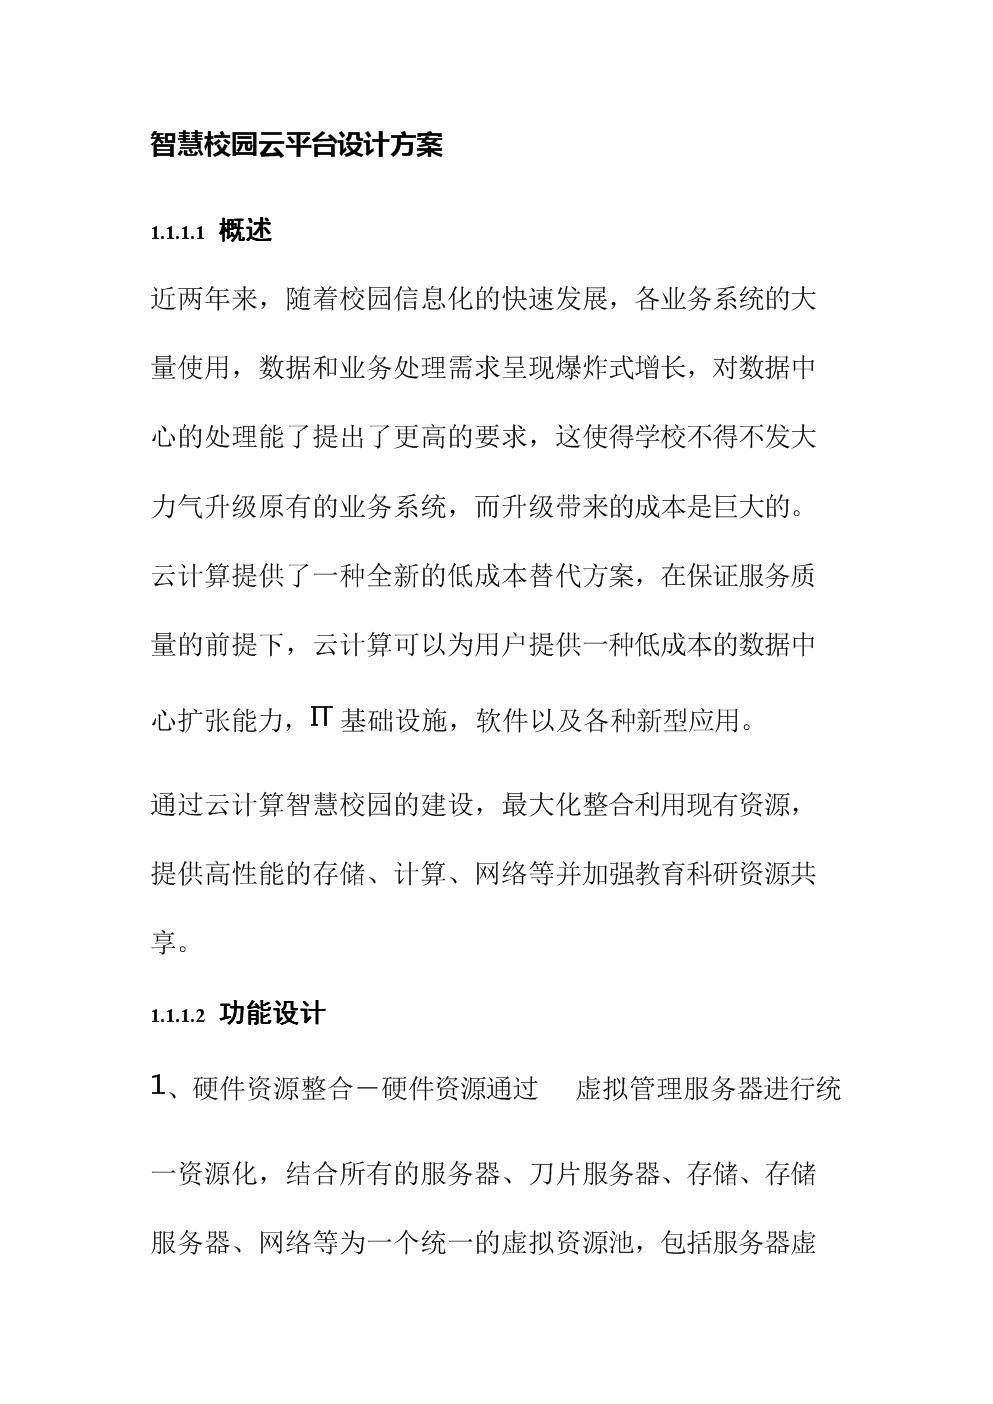 智慧校园云平台设计方案.doc